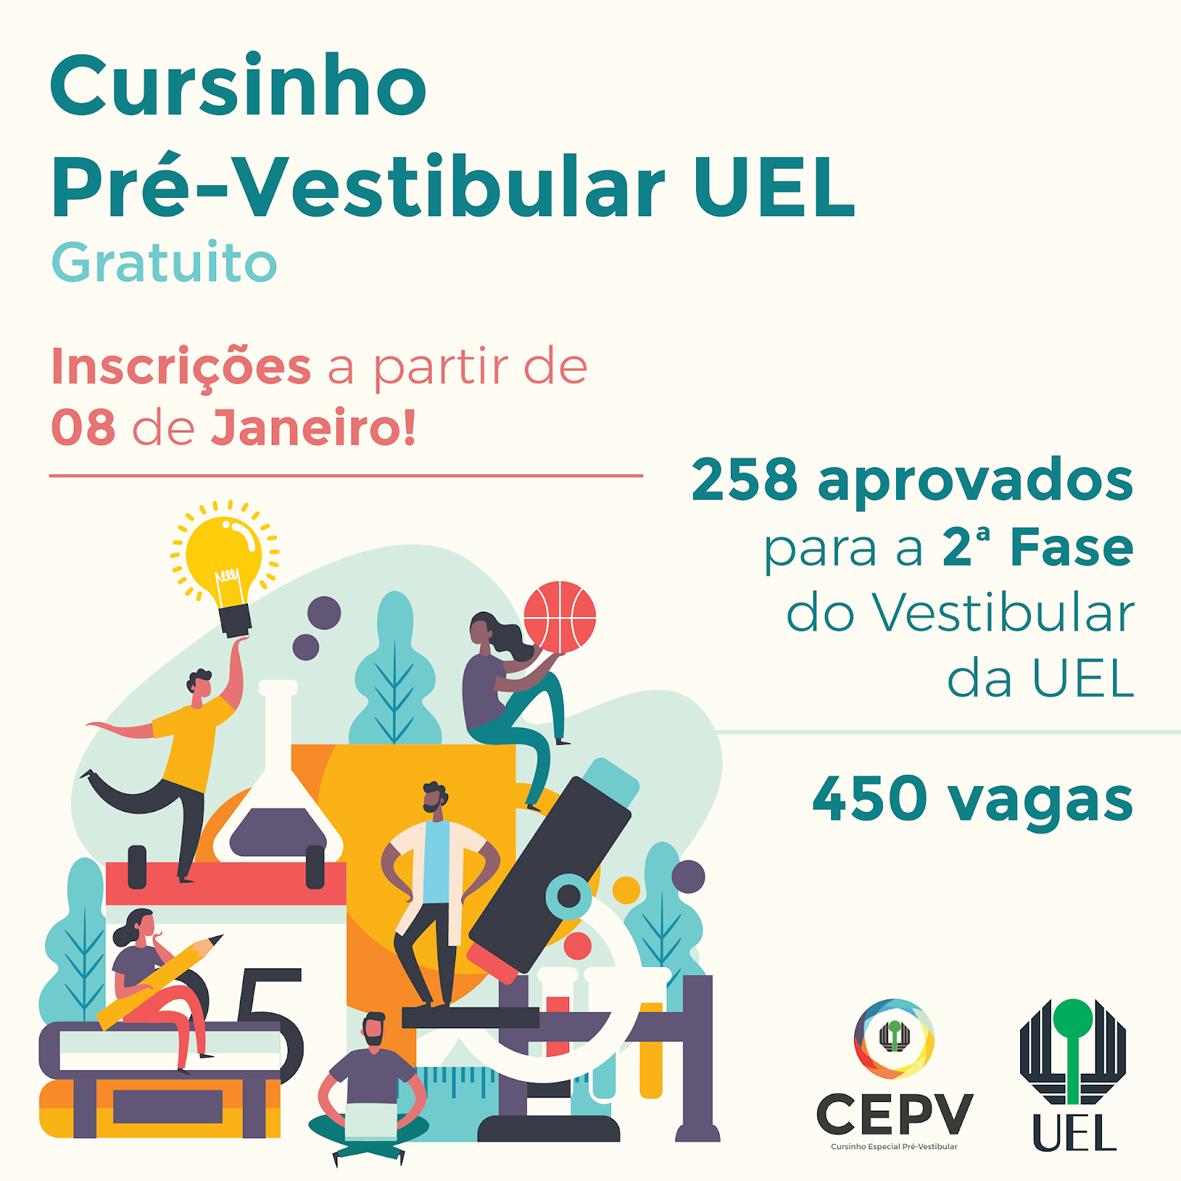 Inscrições para o Curso Especial Pré-Vestibular começam nesta quarta-feira (8)